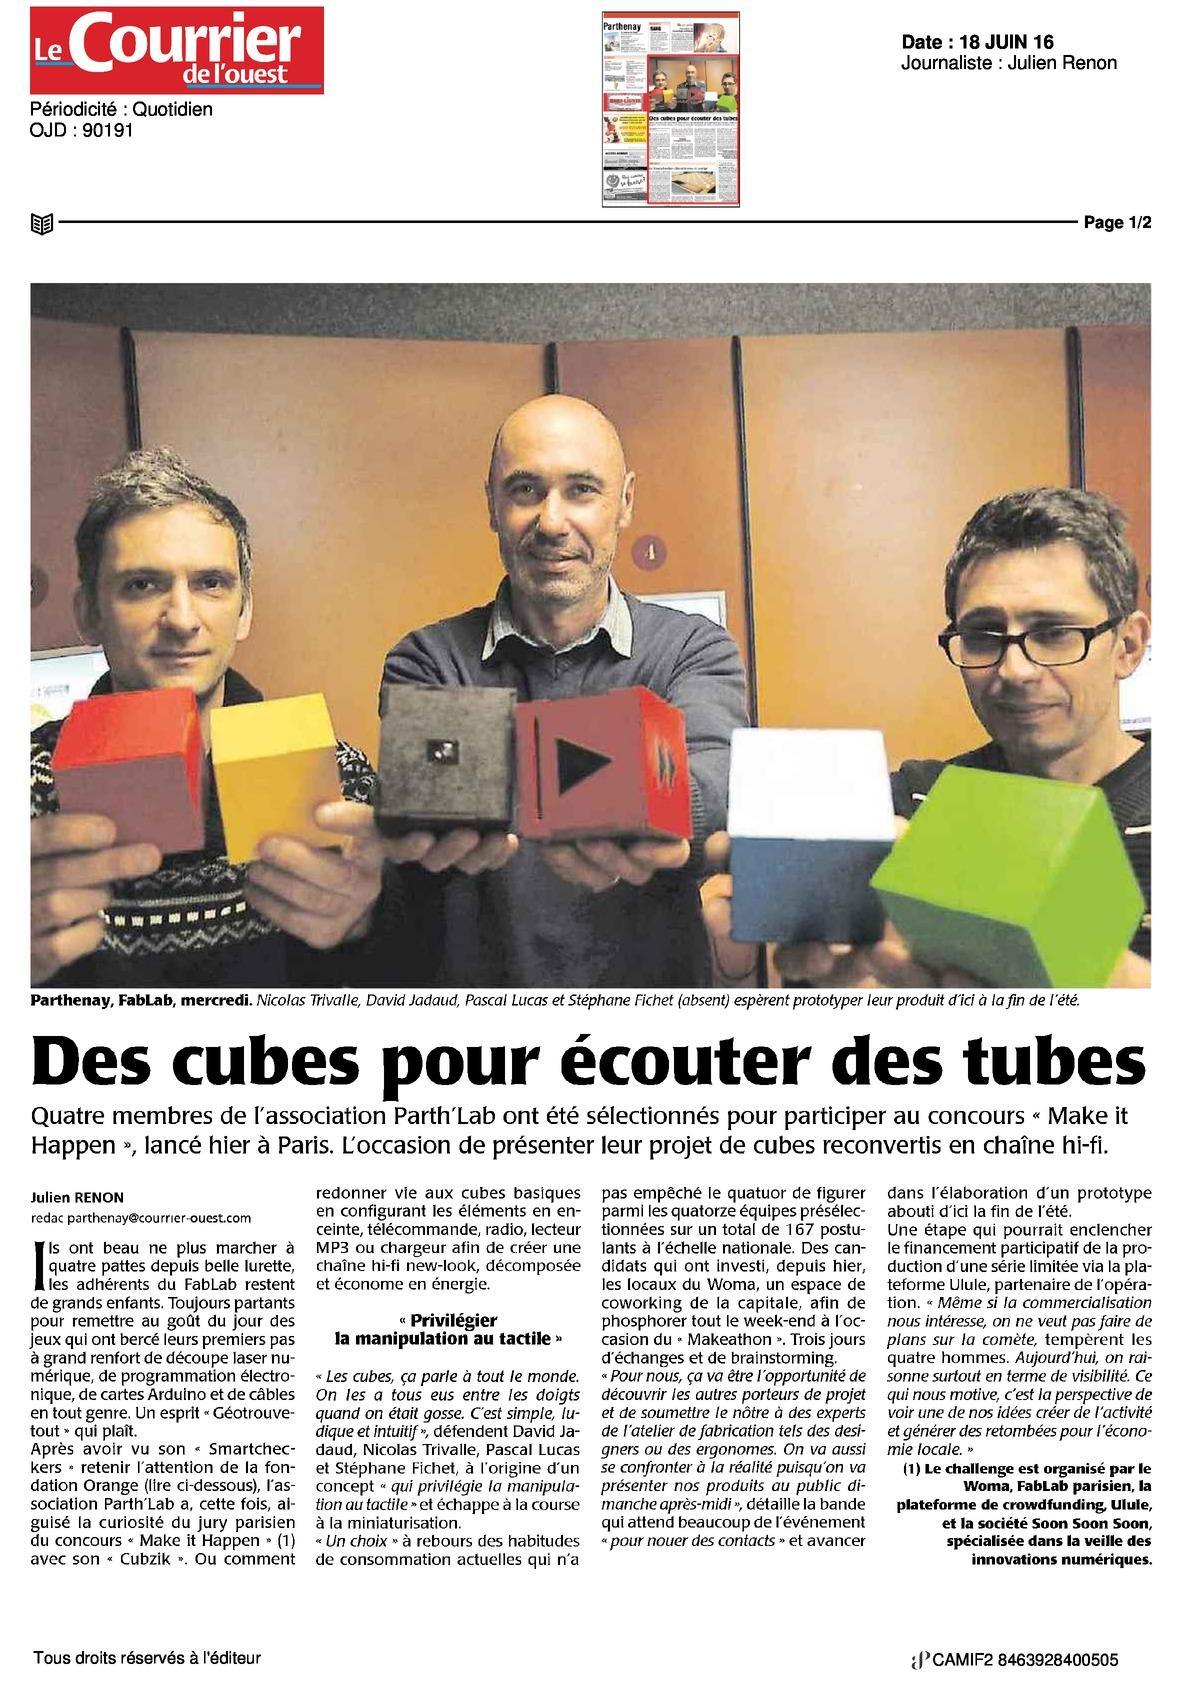 2016-06-181648le_courrier_de_l_ouest-page0